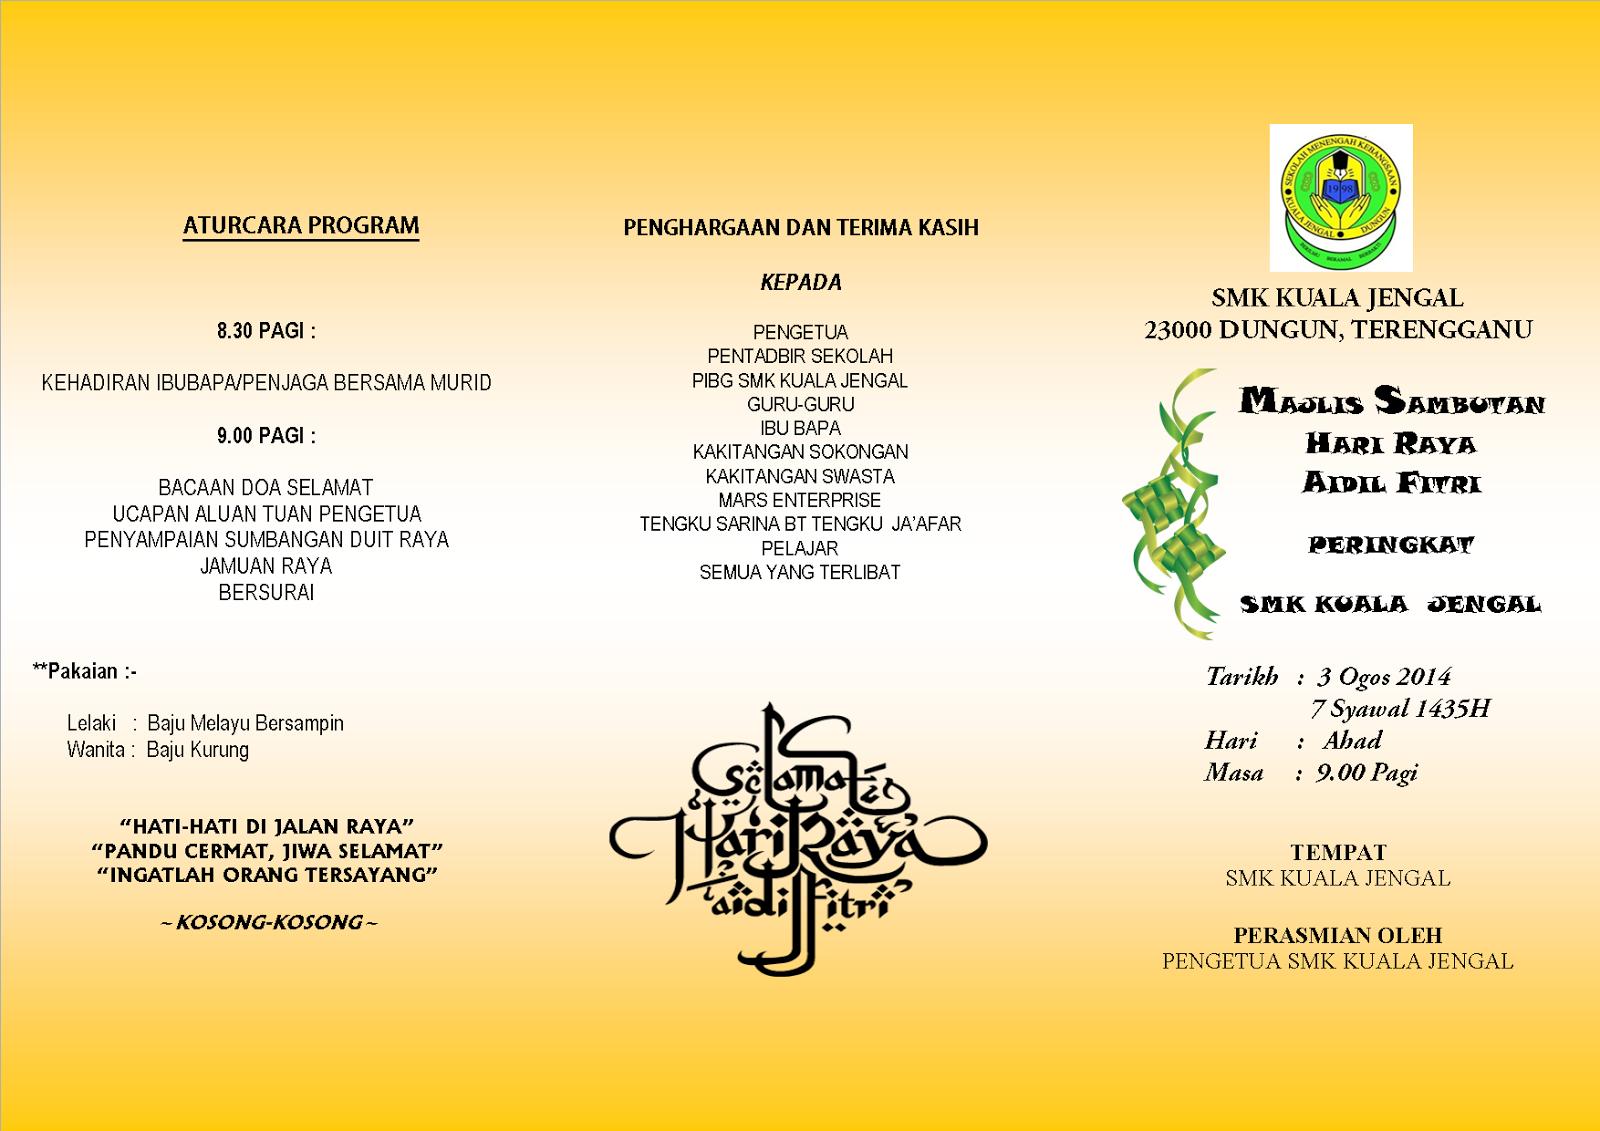 SAMBUTAN HARI RAYA AIDIL FITRI PERINGKAT SEKOLAH 2014